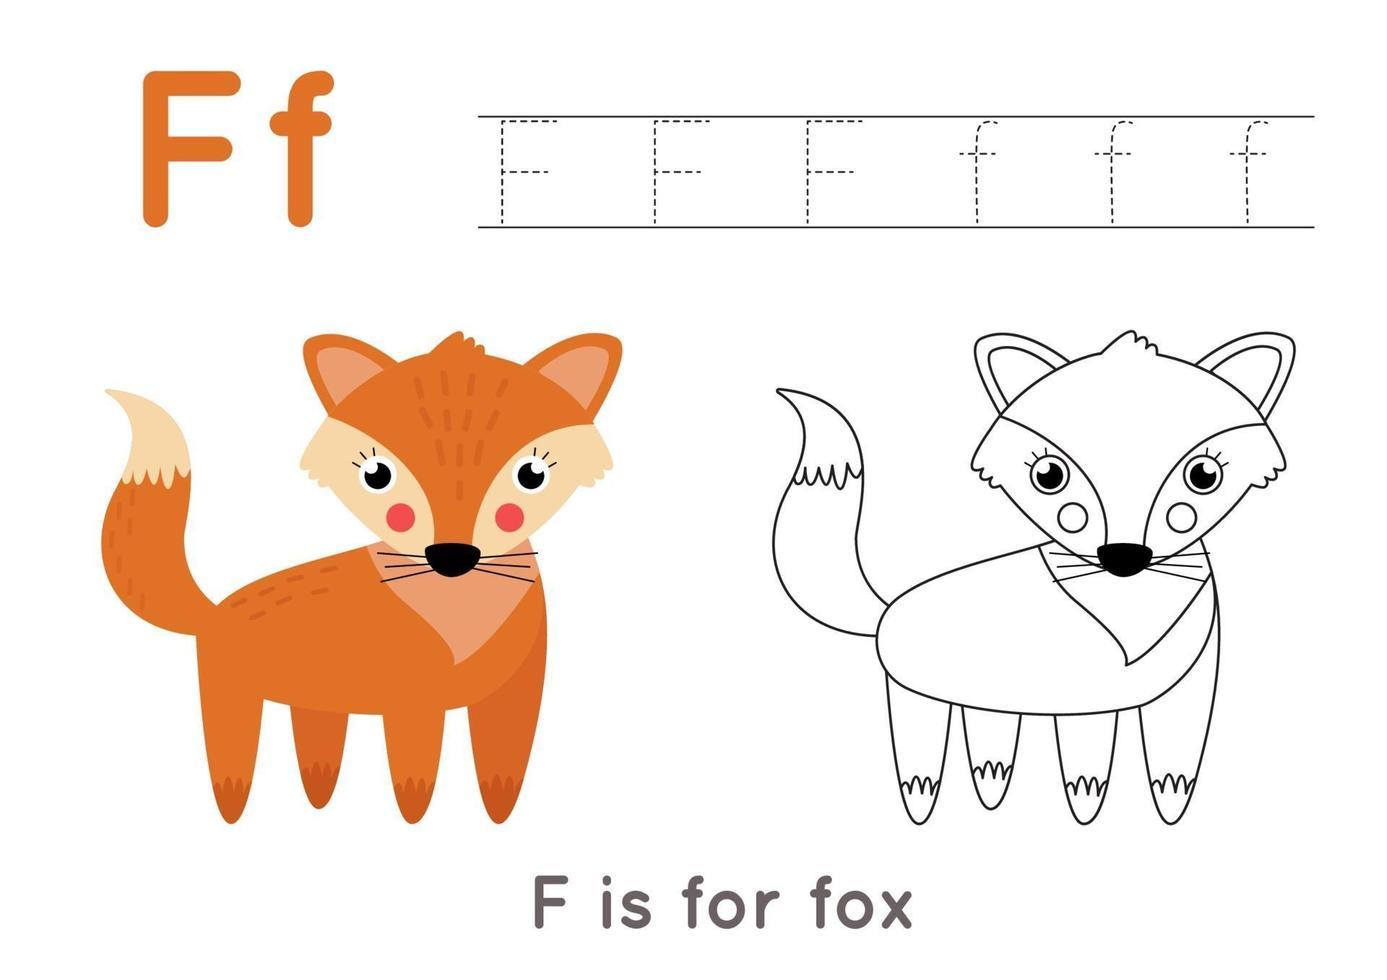 pagina da colorare e tracciare con la lettera f e una volpe simpatico cartone animato. vettore